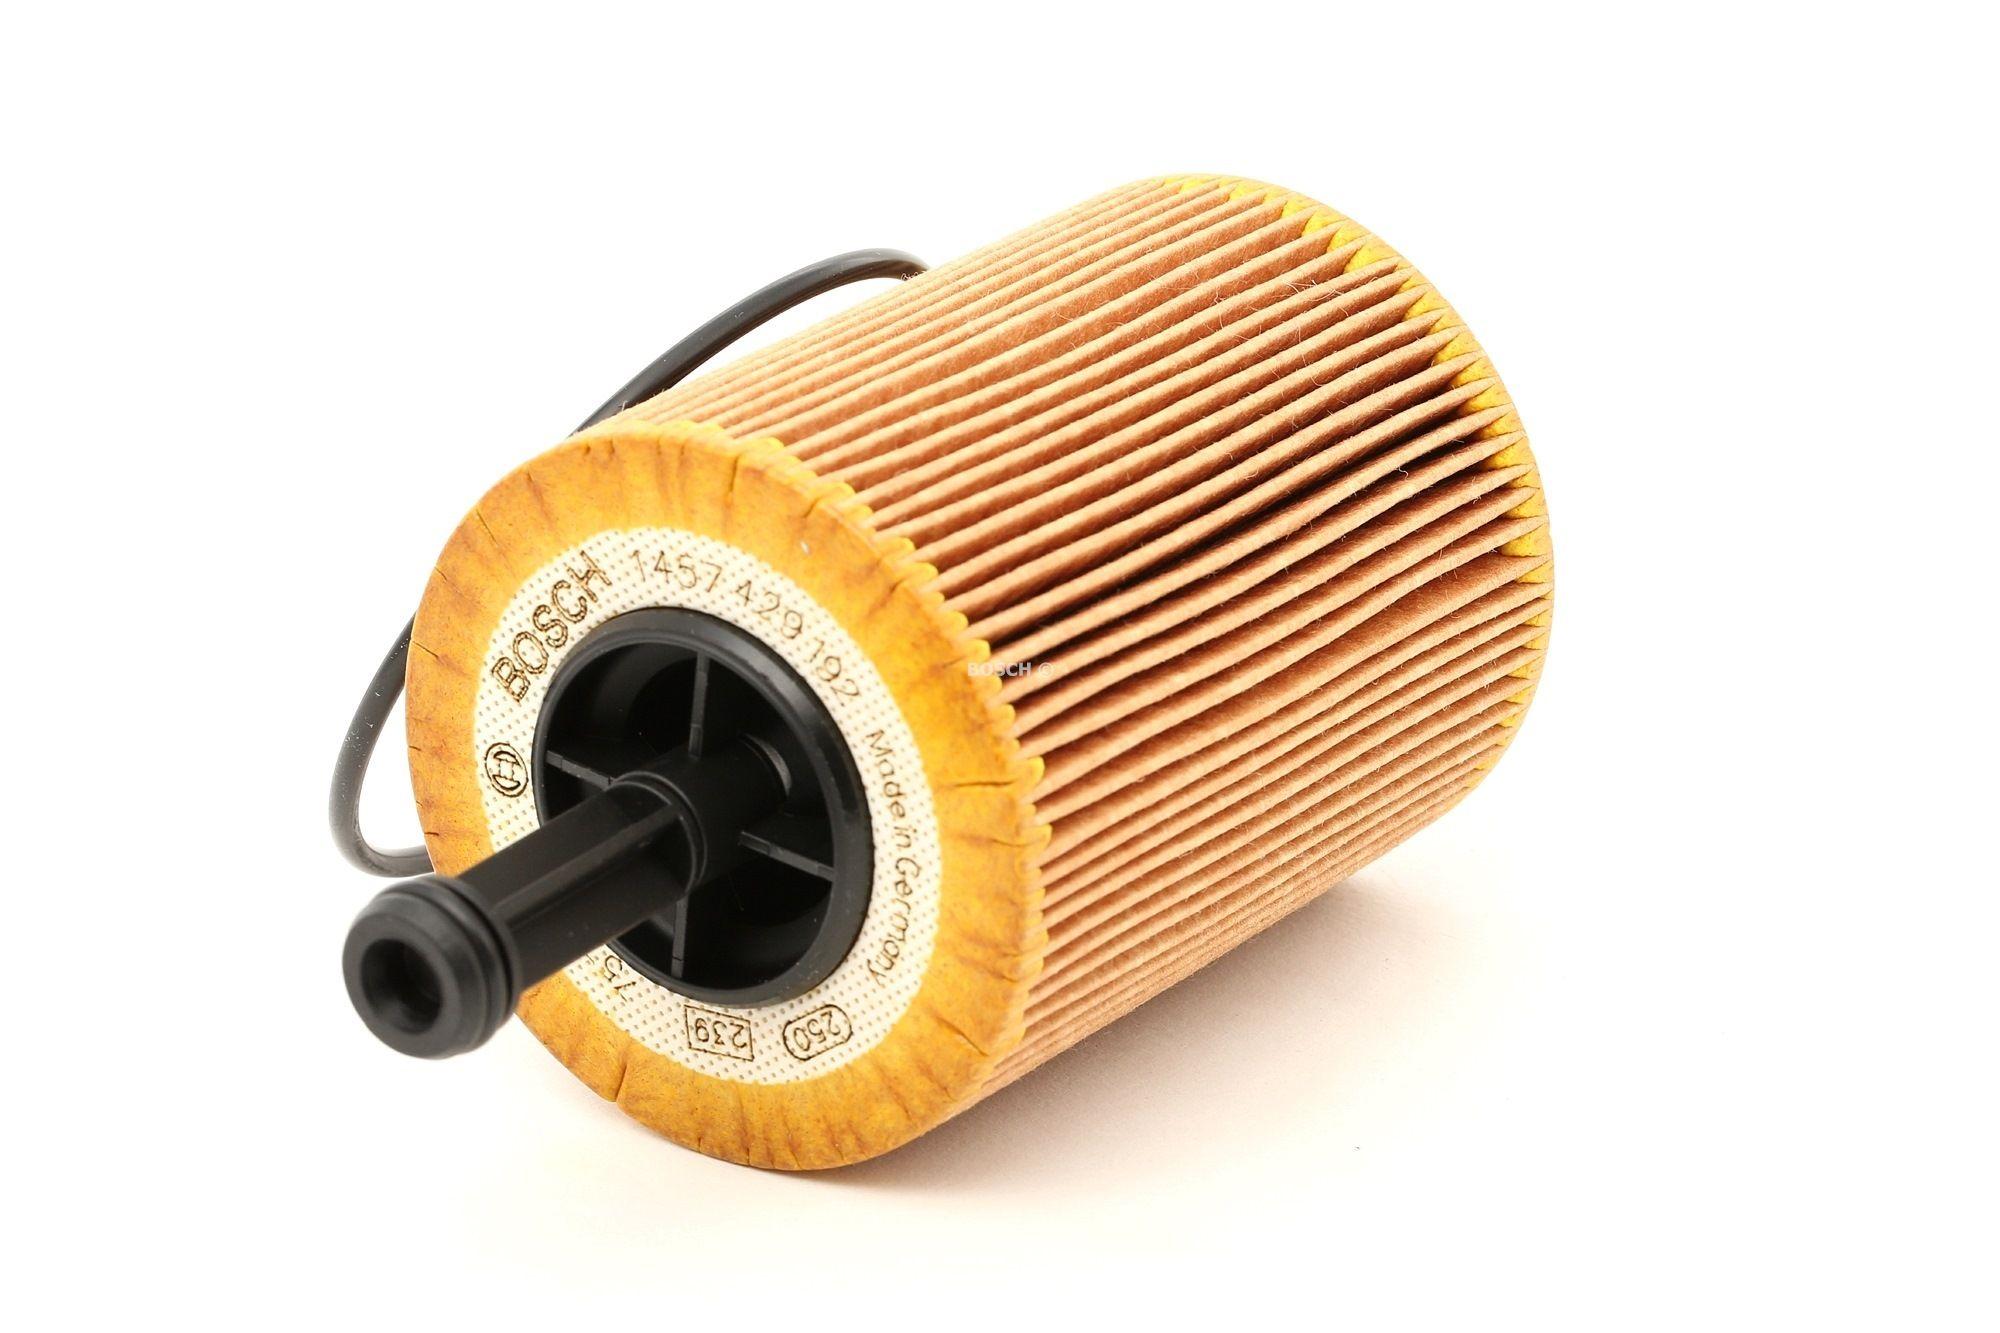 Achetez Filtre à huile BOSCH 1 457 429 192 (Ø: 70,5mm, Hauteur: 140,5mm, Hauteur 1: 95,2mm) à un rapport qualité-prix exceptionnel